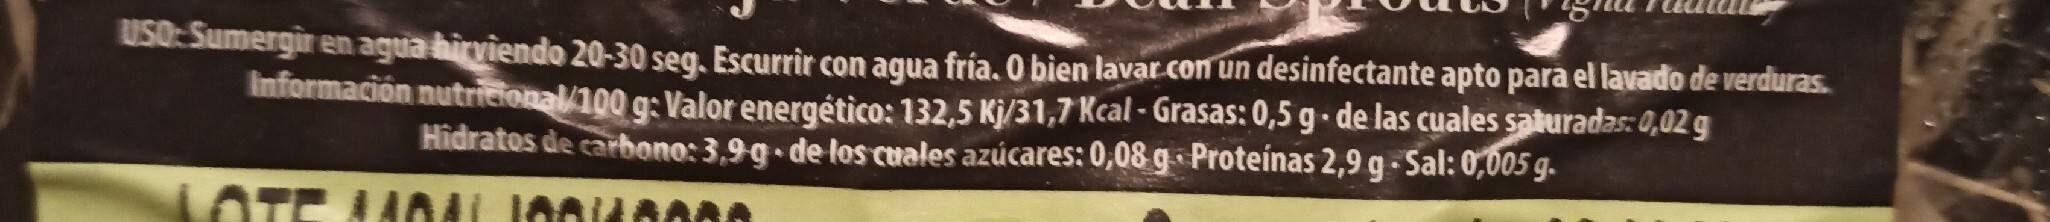 Brotes de soja tallos verdes - Informations nutritionnelles - es